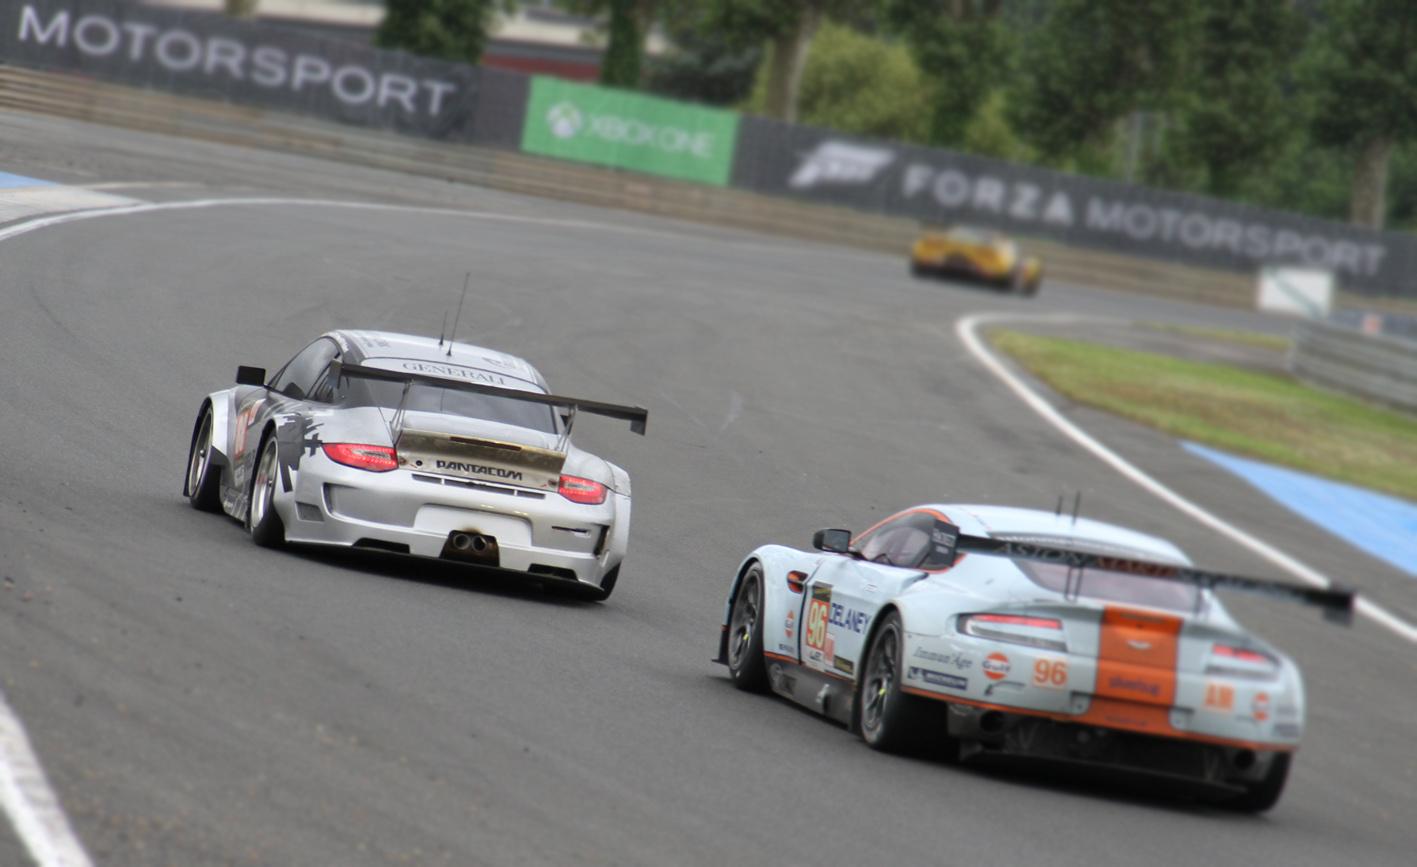 """фото """"Le-Mans"""" метки: спорт, авто, гонки, ле-ман. франция."""